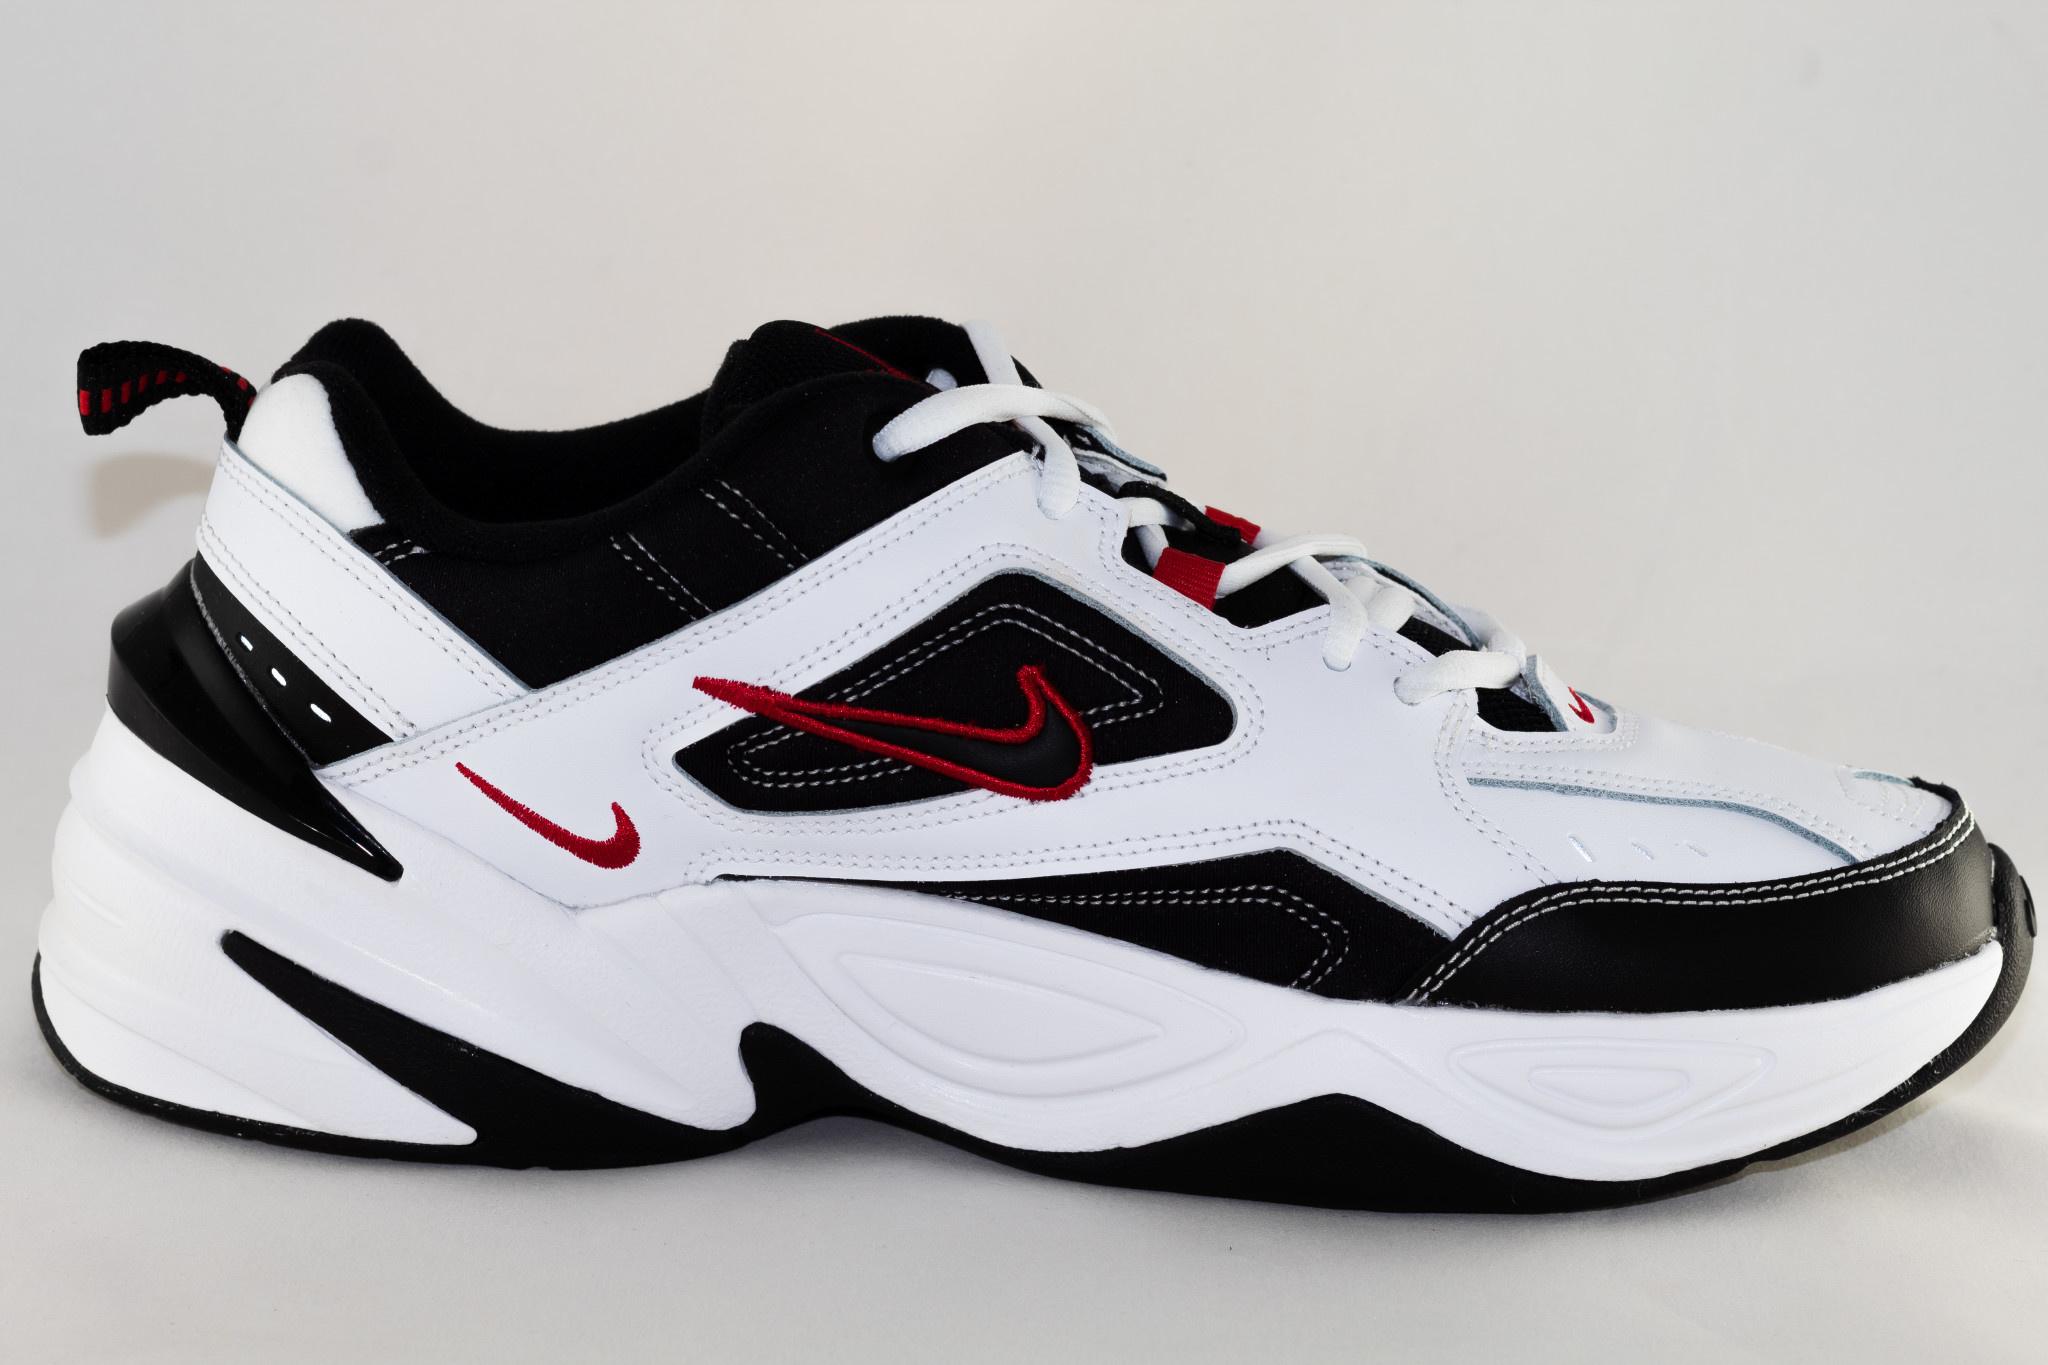 Nike NIKE M2K TEKNO White/ Black- University Red